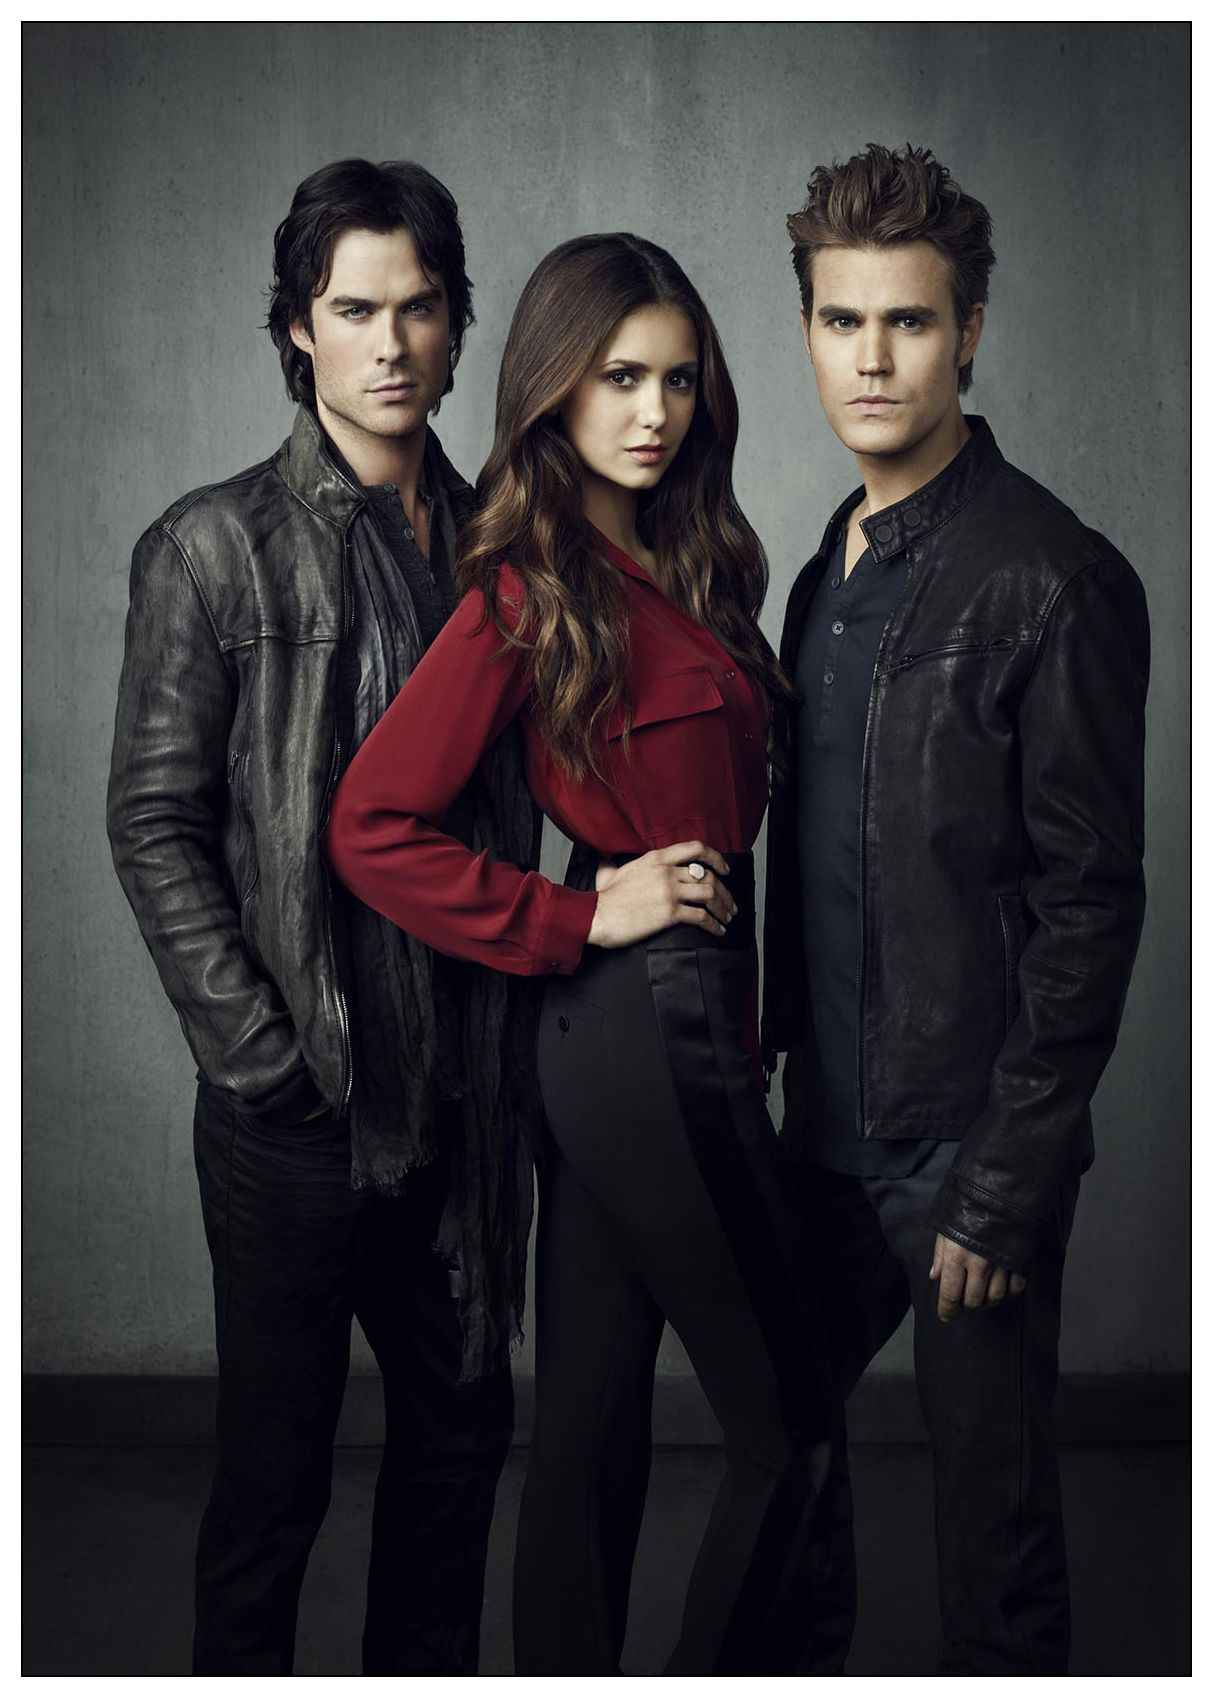 The Vampire Diaries Wallpaper Wallpaper Download Free